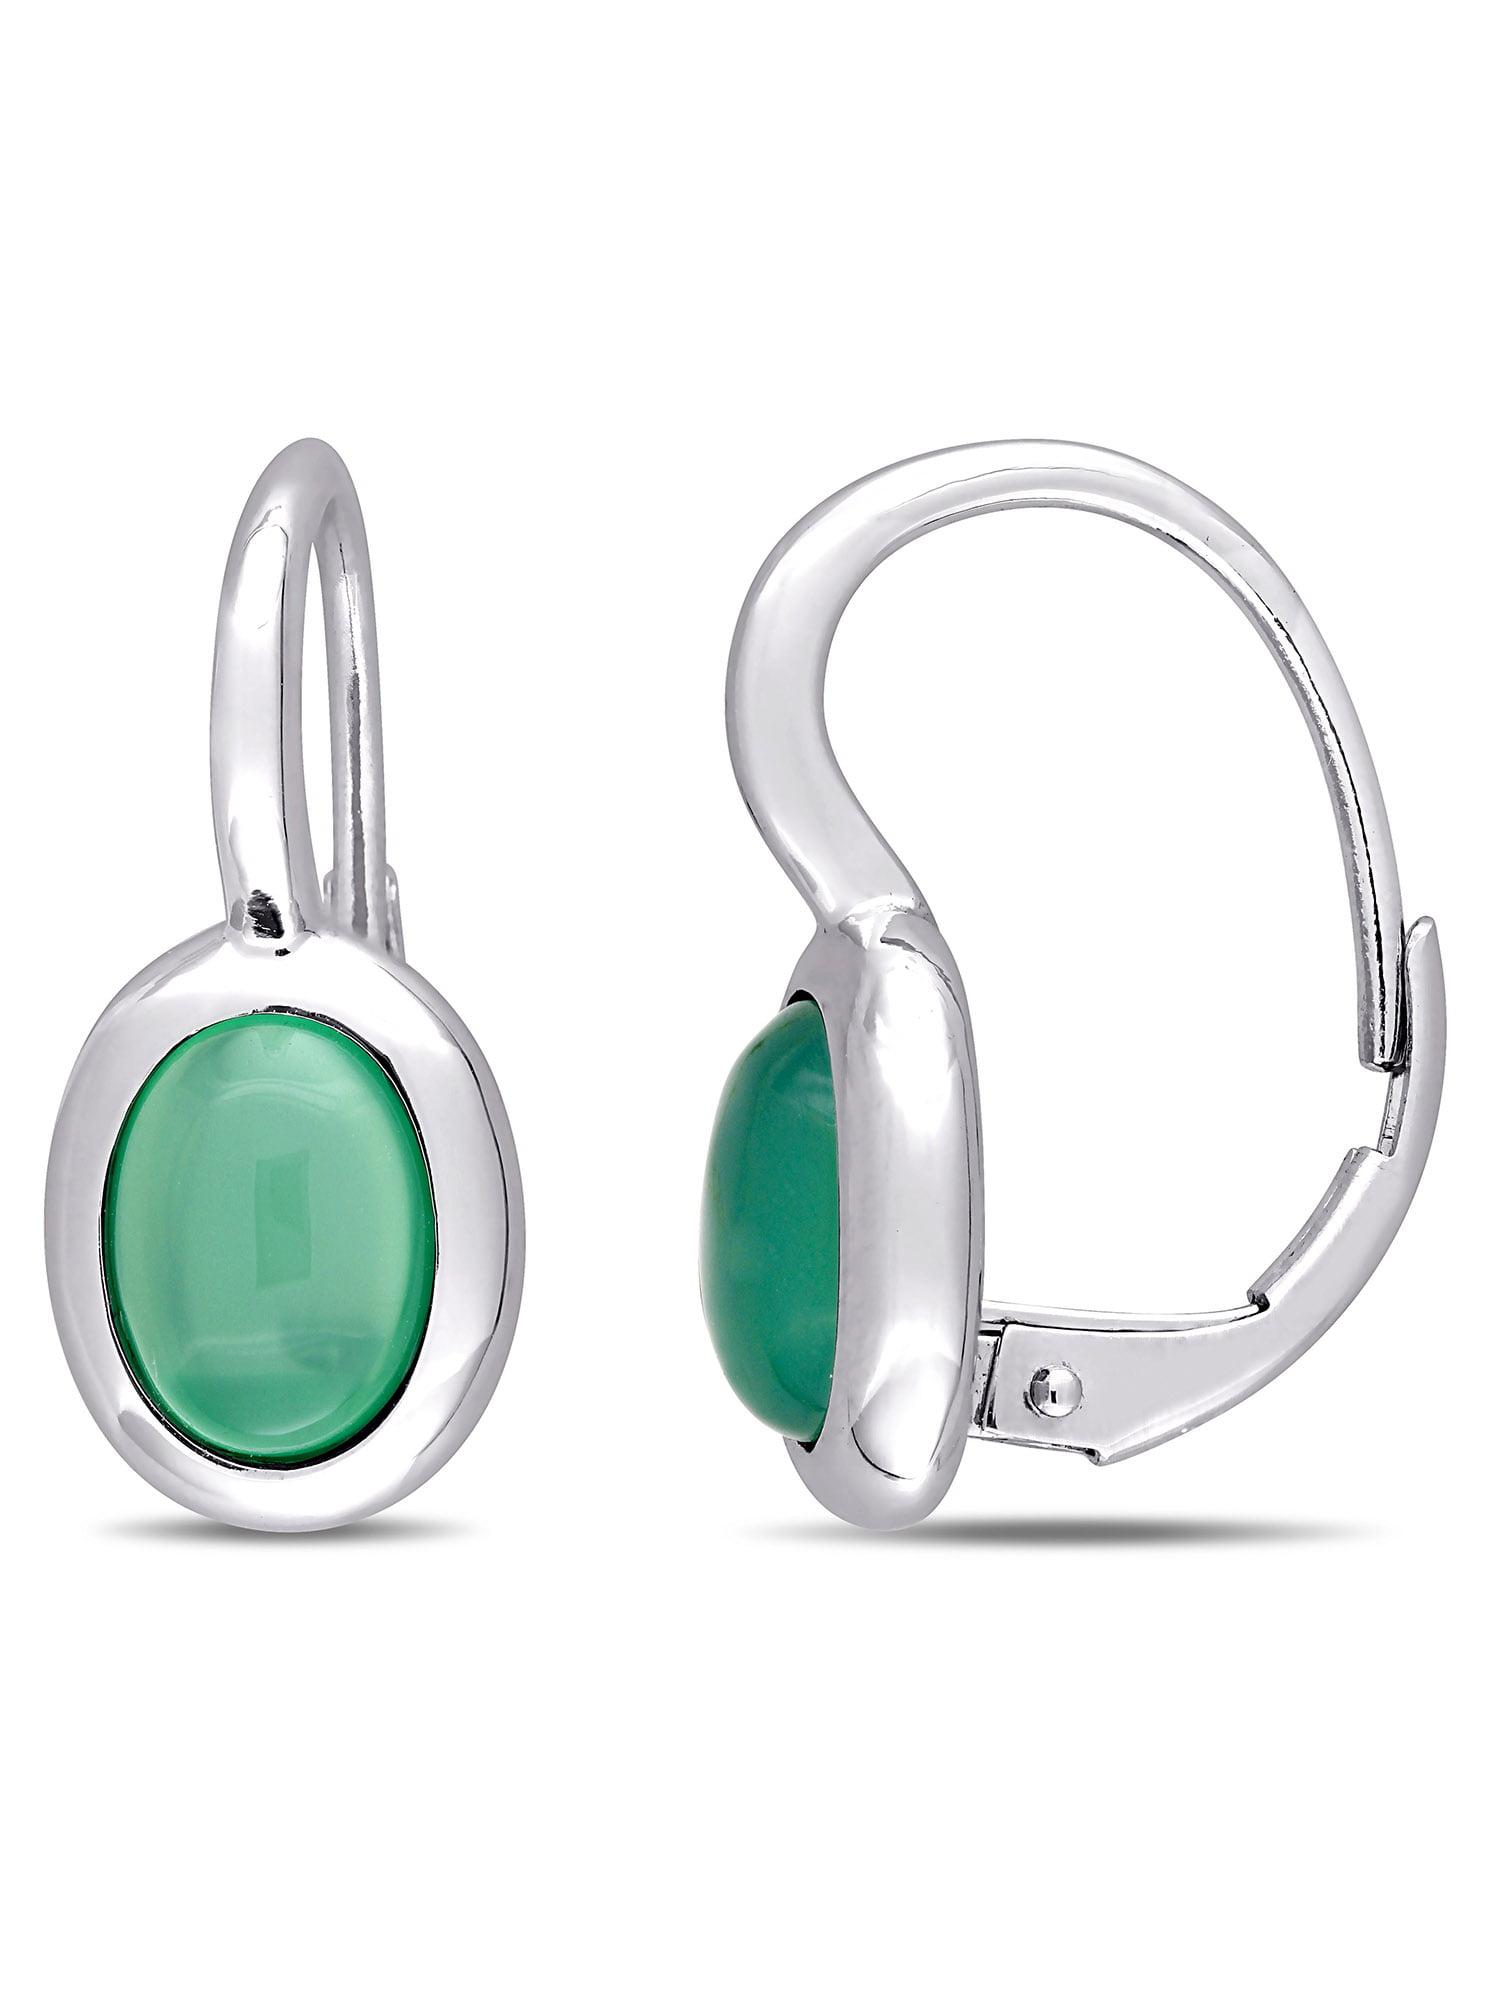 Tangelo 2-1 2 Carat T.G.W. Green Chalcedony 10kt White Gold Earrings by Delmar